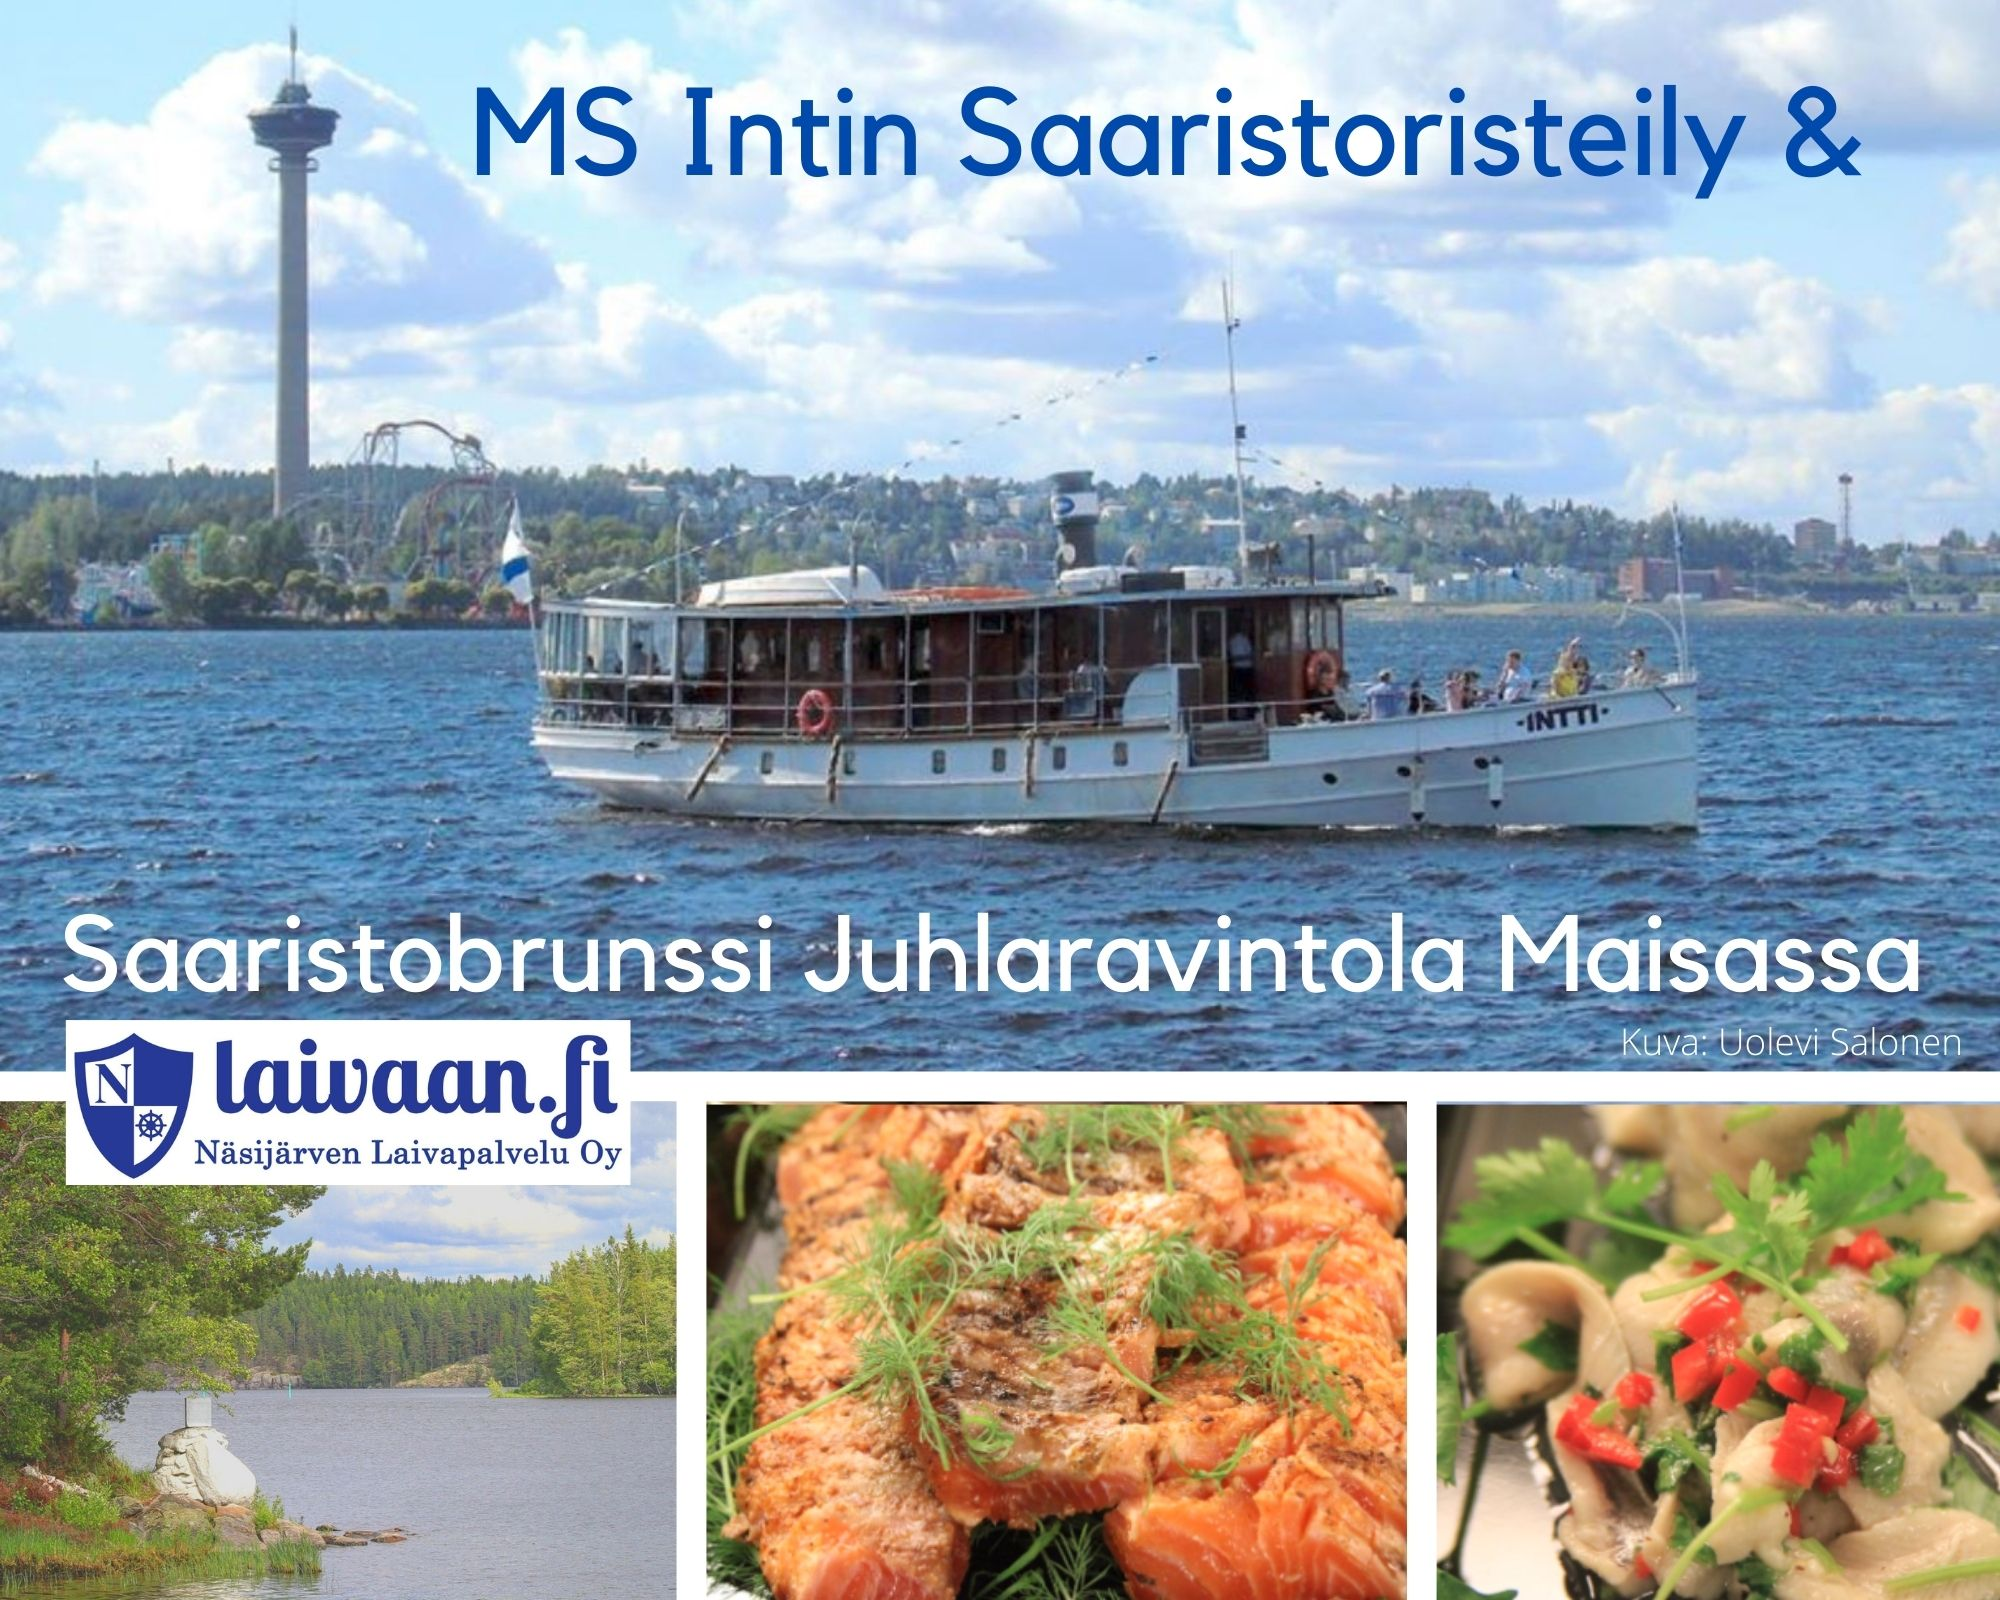 Juhlaravintola Maisa, Saaristobrunssi, MS Intti